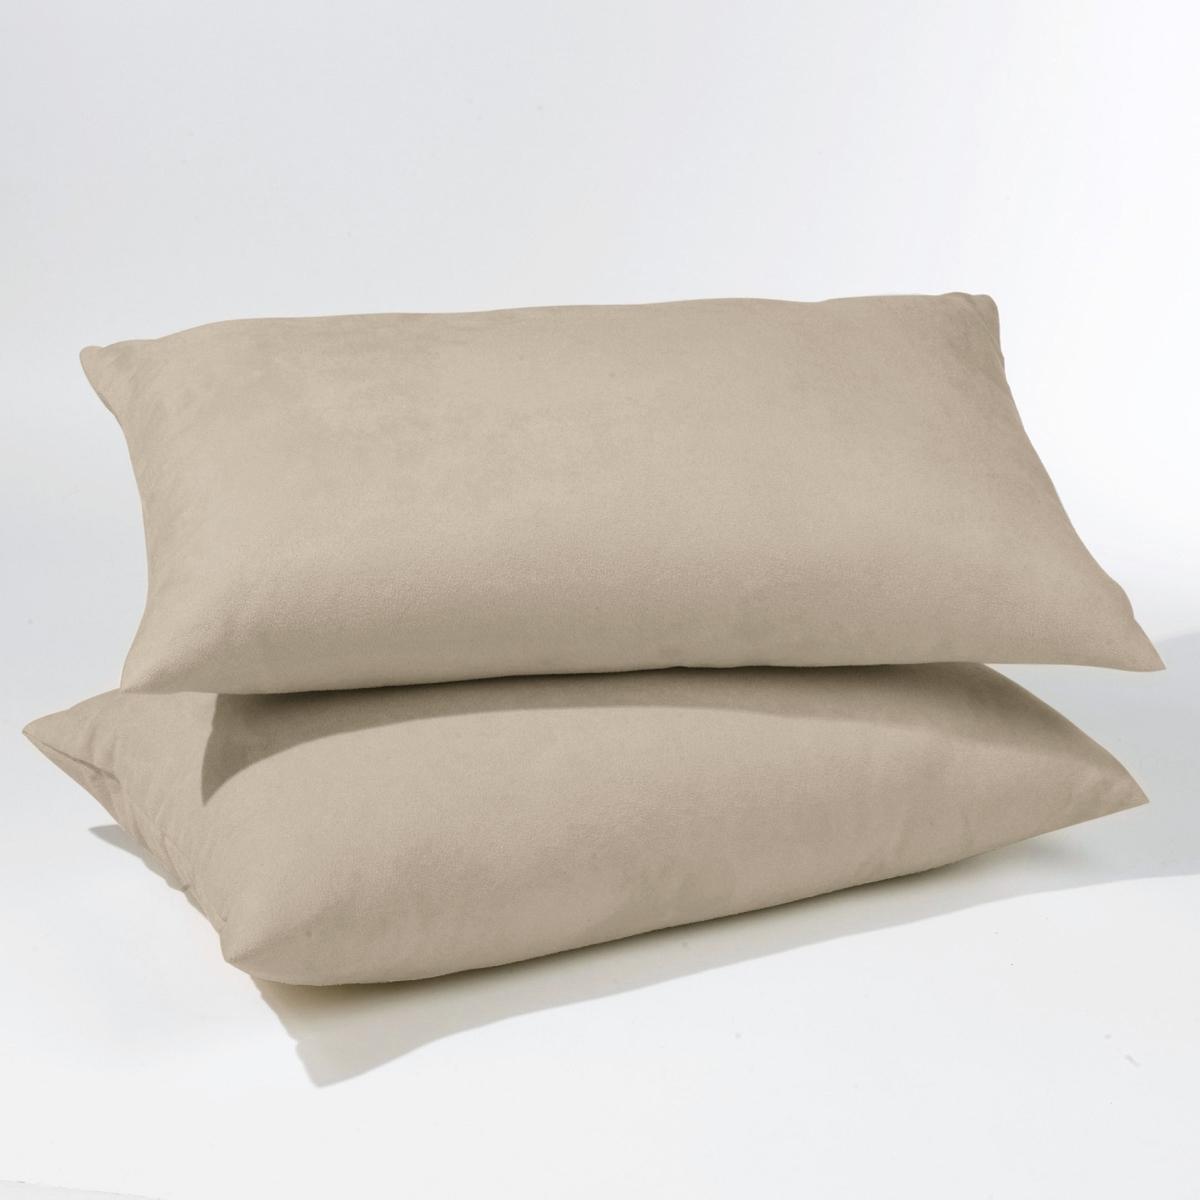 Комплект из 2 чехлов для подушек из поликоттонаКомплект из 2 чехлов для подушек из поликоттона подойдет для раскладных диванов (аккордеон и книжка). 7 расцветок для создания уникального интерьера на ваш вкус  !Характеристики чехлов для подушек из поликоттона для раскладных диванов:Качество VALEUR SURE, плотная ткань, 70% хлопка, 30% полиэстера. Скрытая застежка на молнию.  Размеры чехлов для подушек из поликоттона:Аккордеон : 50 x 30 см                                                                                           Книжка : 60 x 40 см<br><br>Цвет: гранатовый,серый жемчужный,темно-серый,черный,экрю<br>Размер: 60 x 40  см